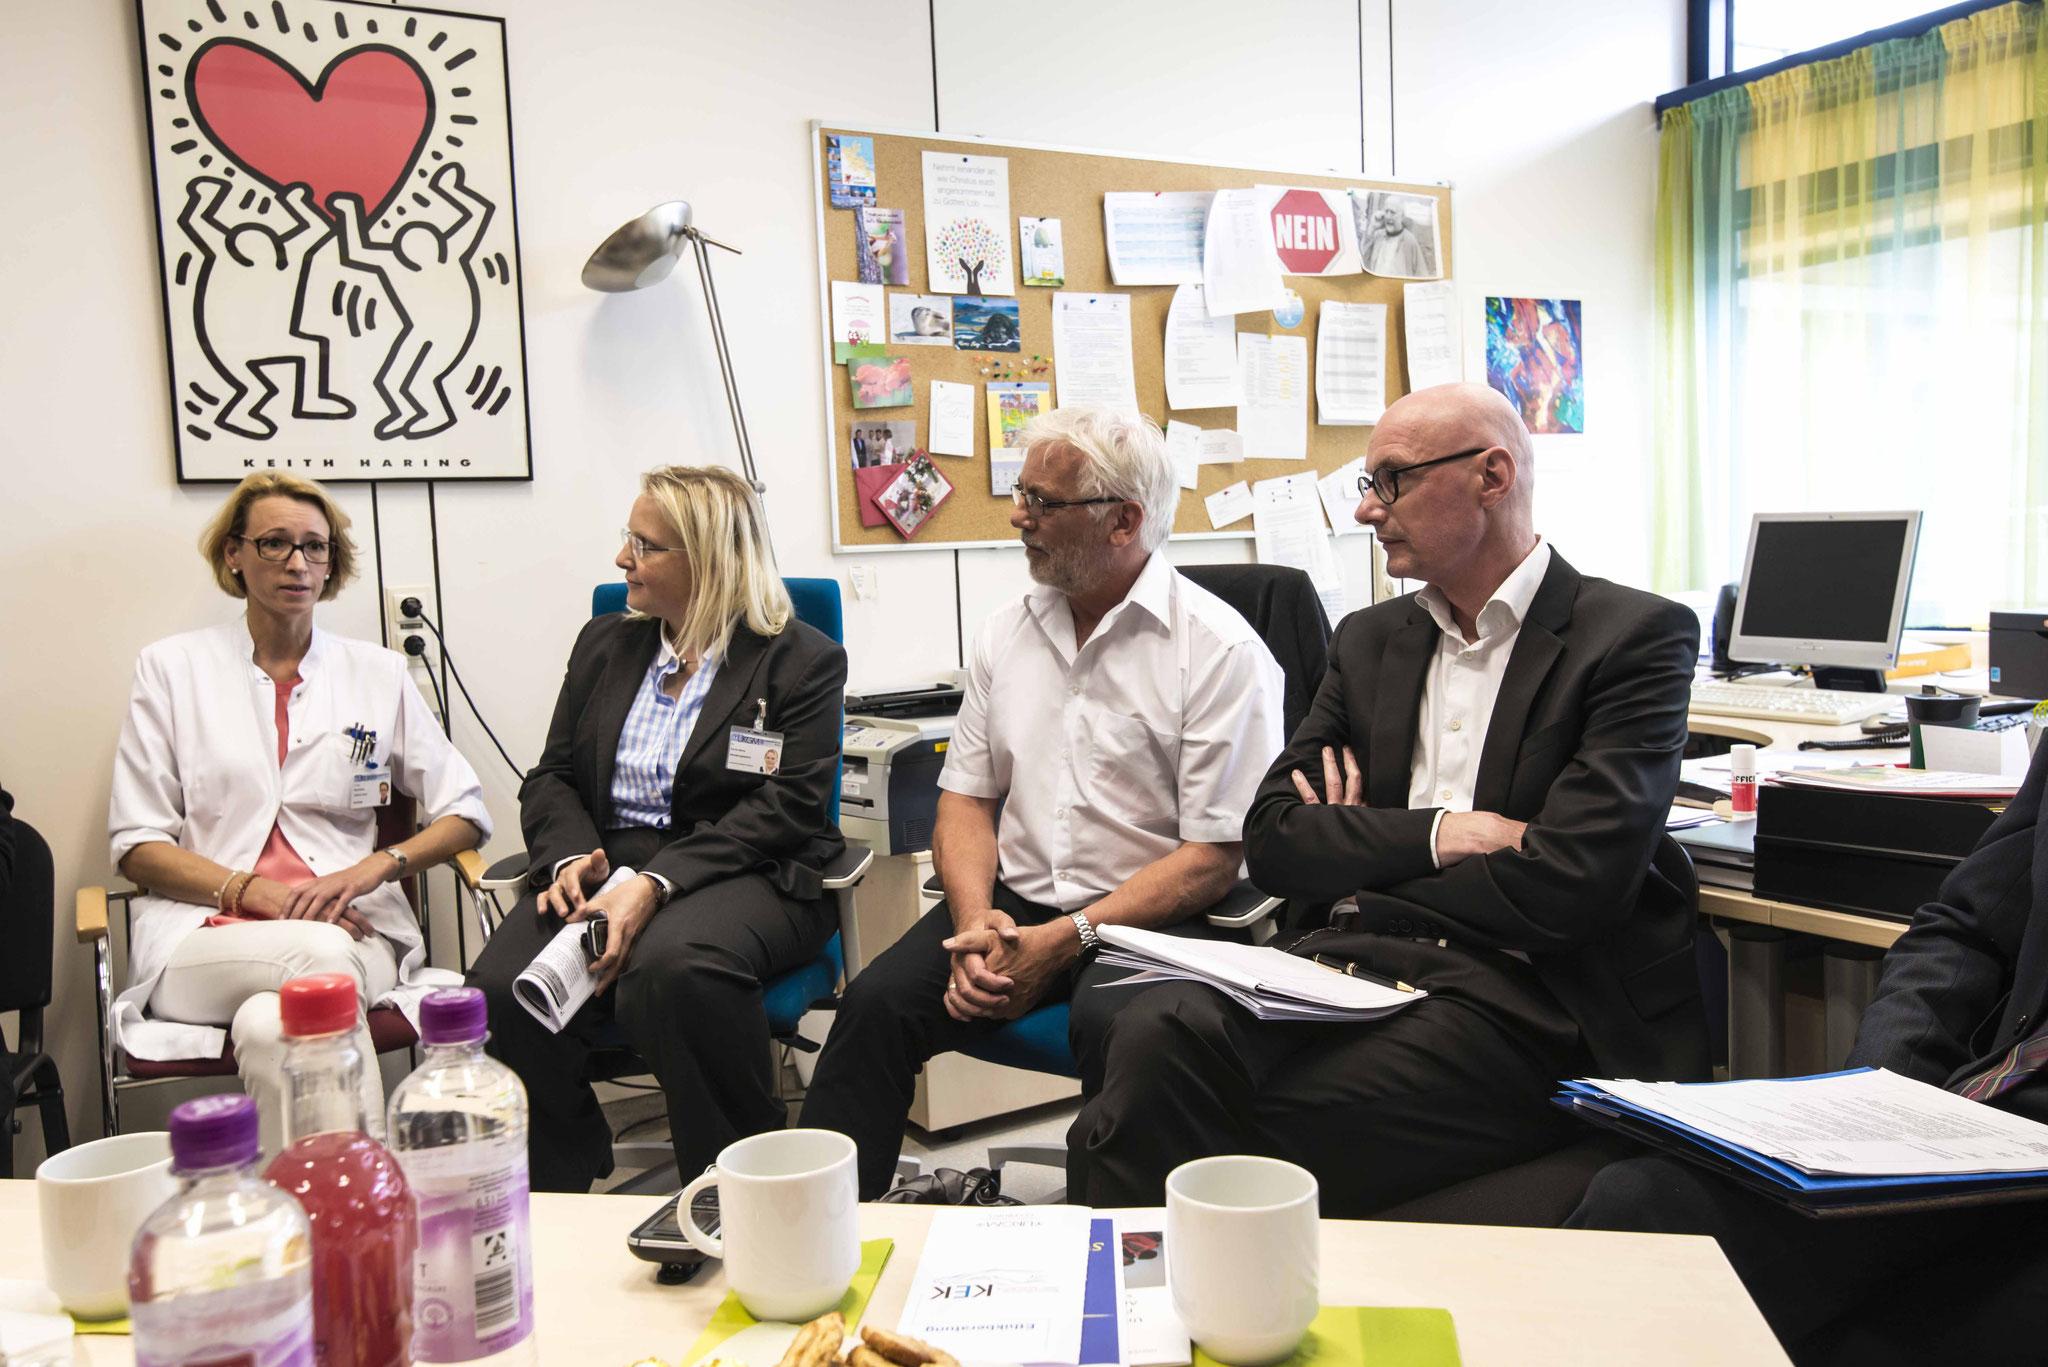 Dr. Birgit Markus (Oberärztin), Dr. Sylvia Heinis (Verwaltungsleiterin), Pfr. Karl-Günter Balzer (Medienbeauftragter), Prof. Dr. Harald Renz (Geschäftsführung - Foto: Burkhard zur Nieden